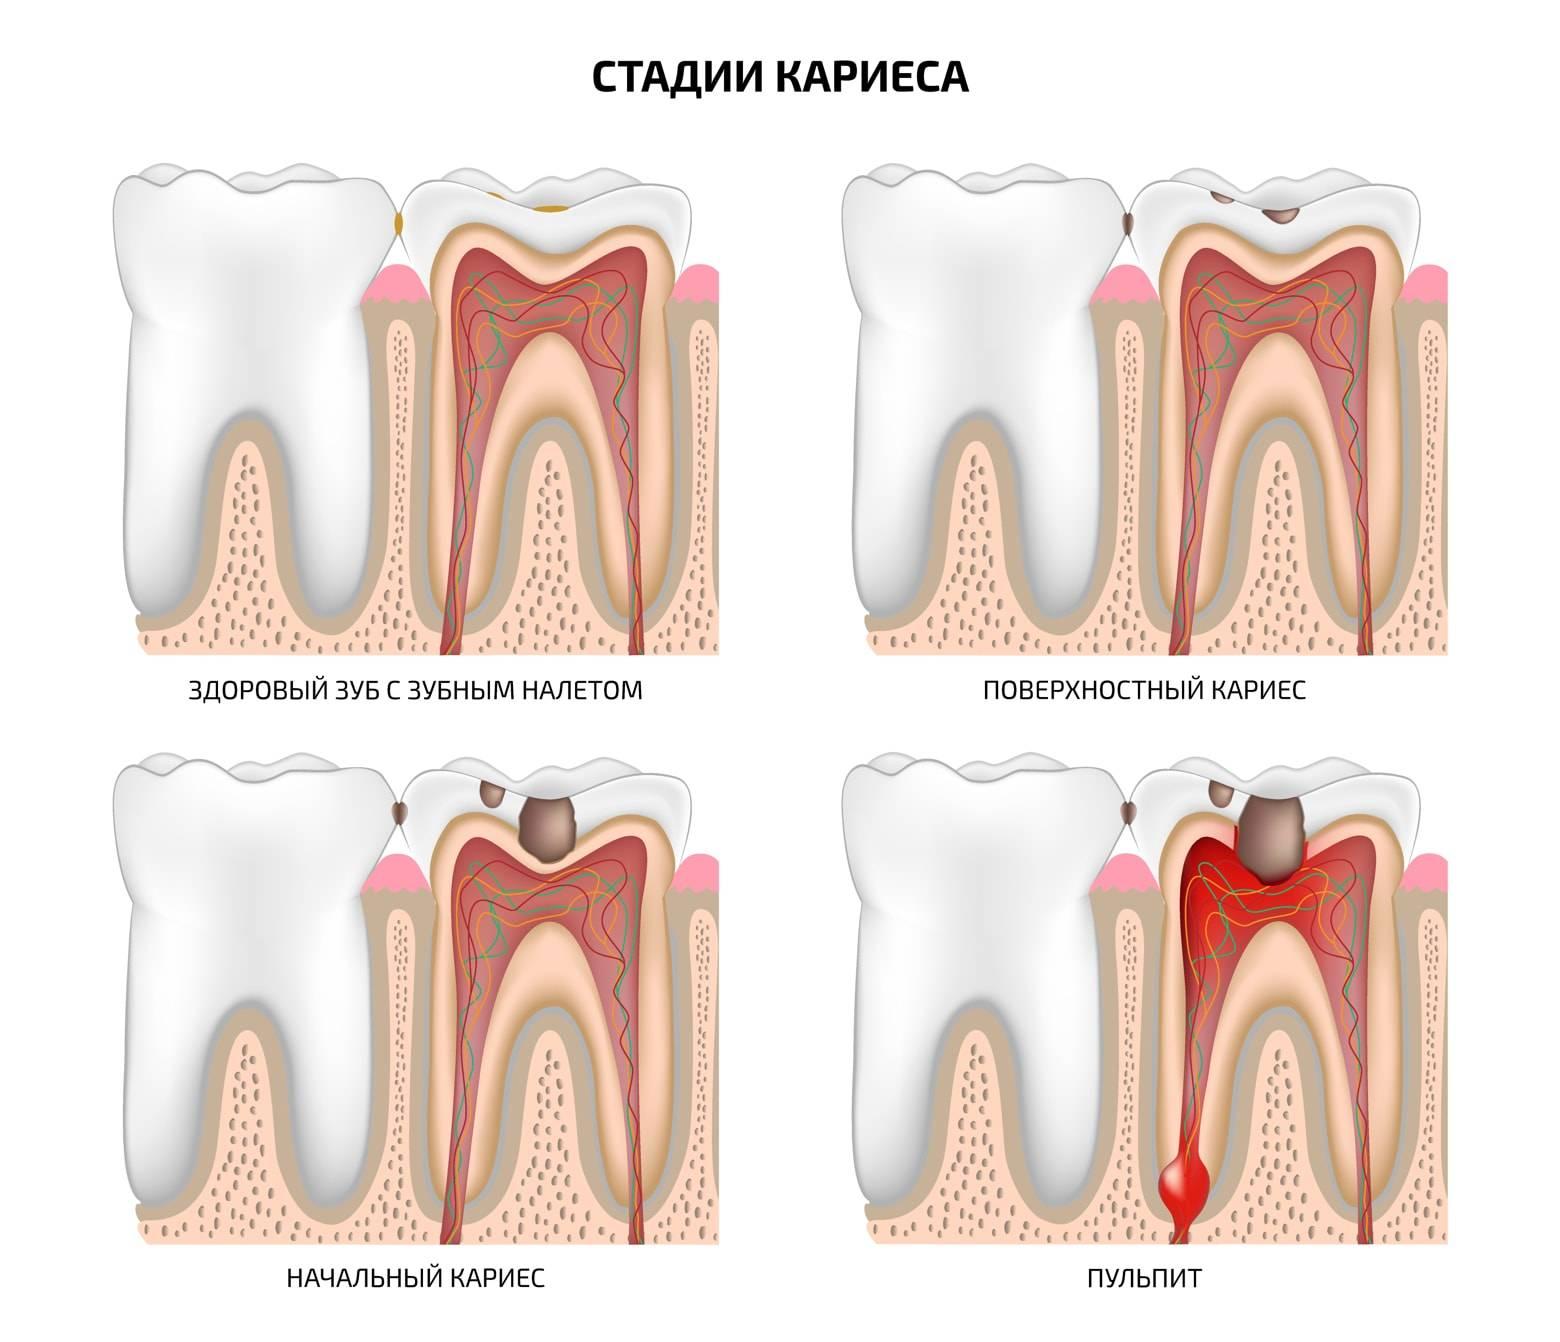 Кариес между зубами: симптомы и лечение